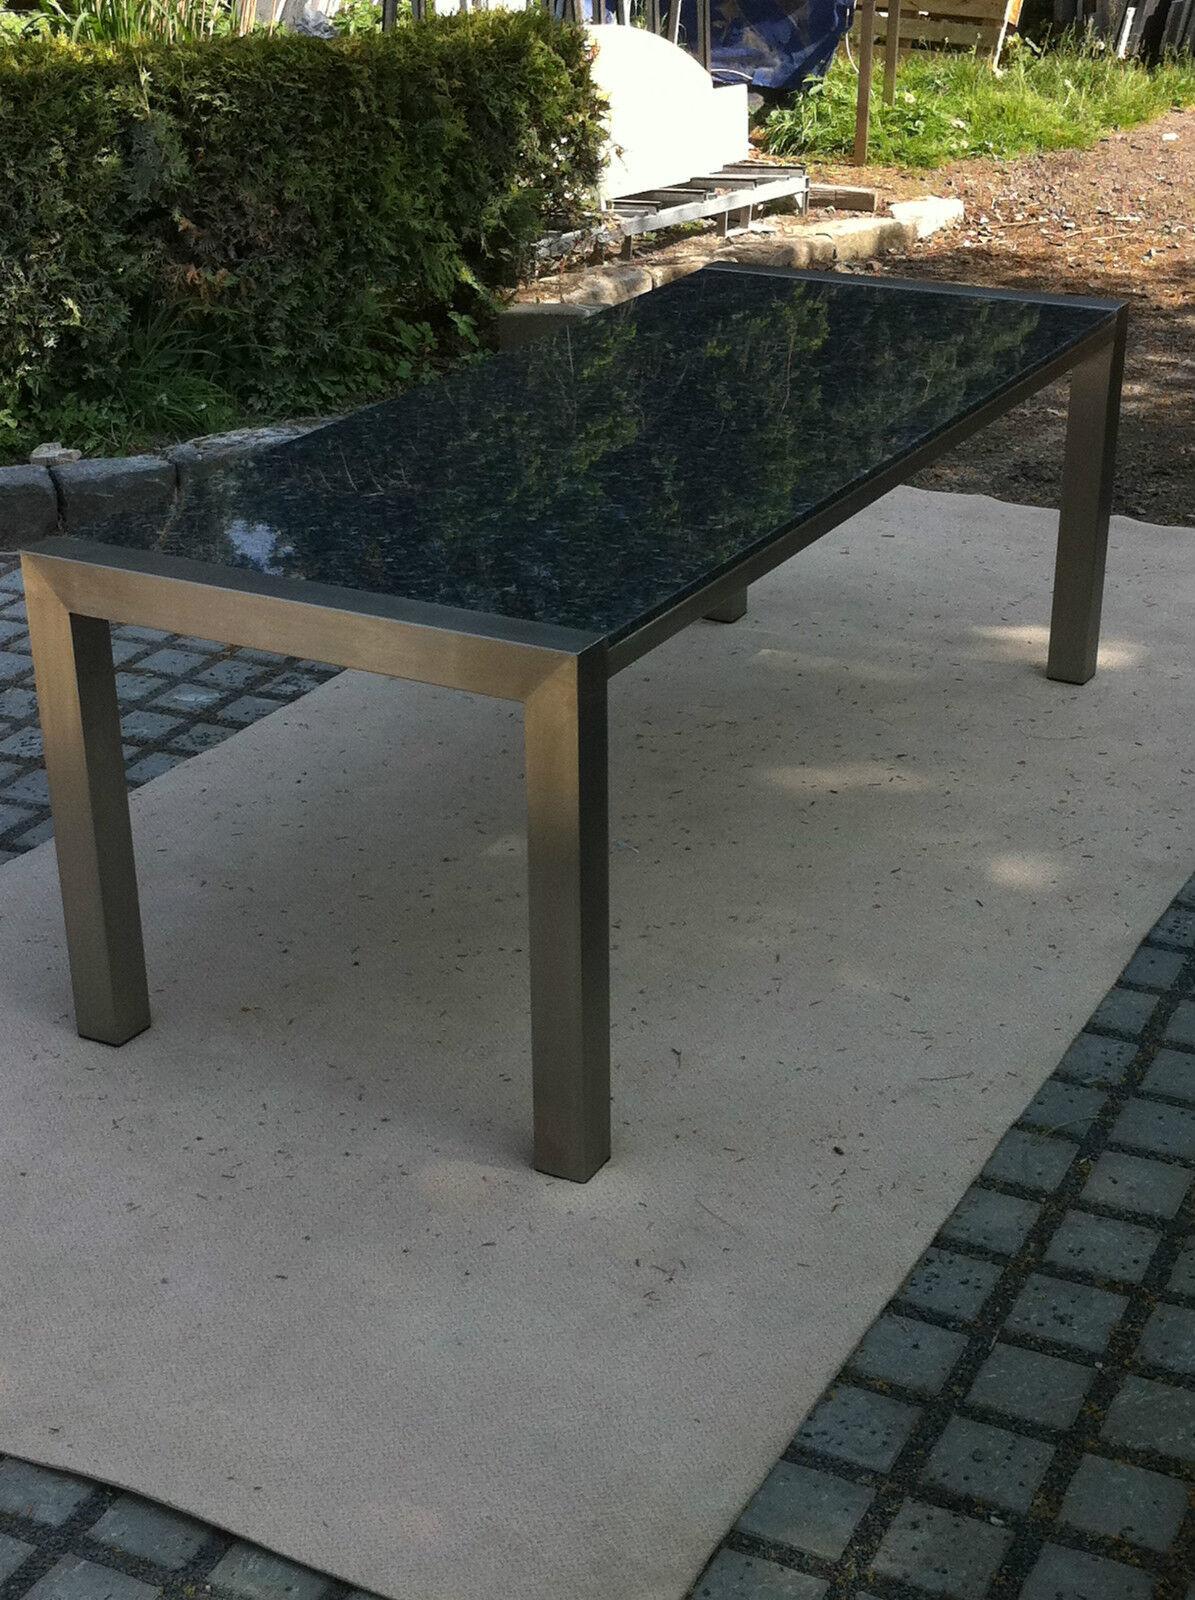 gartentisch outdoor tisch esstisch k chentisch naturstein steinplatte edelstahl eur. Black Bedroom Furniture Sets. Home Design Ideas